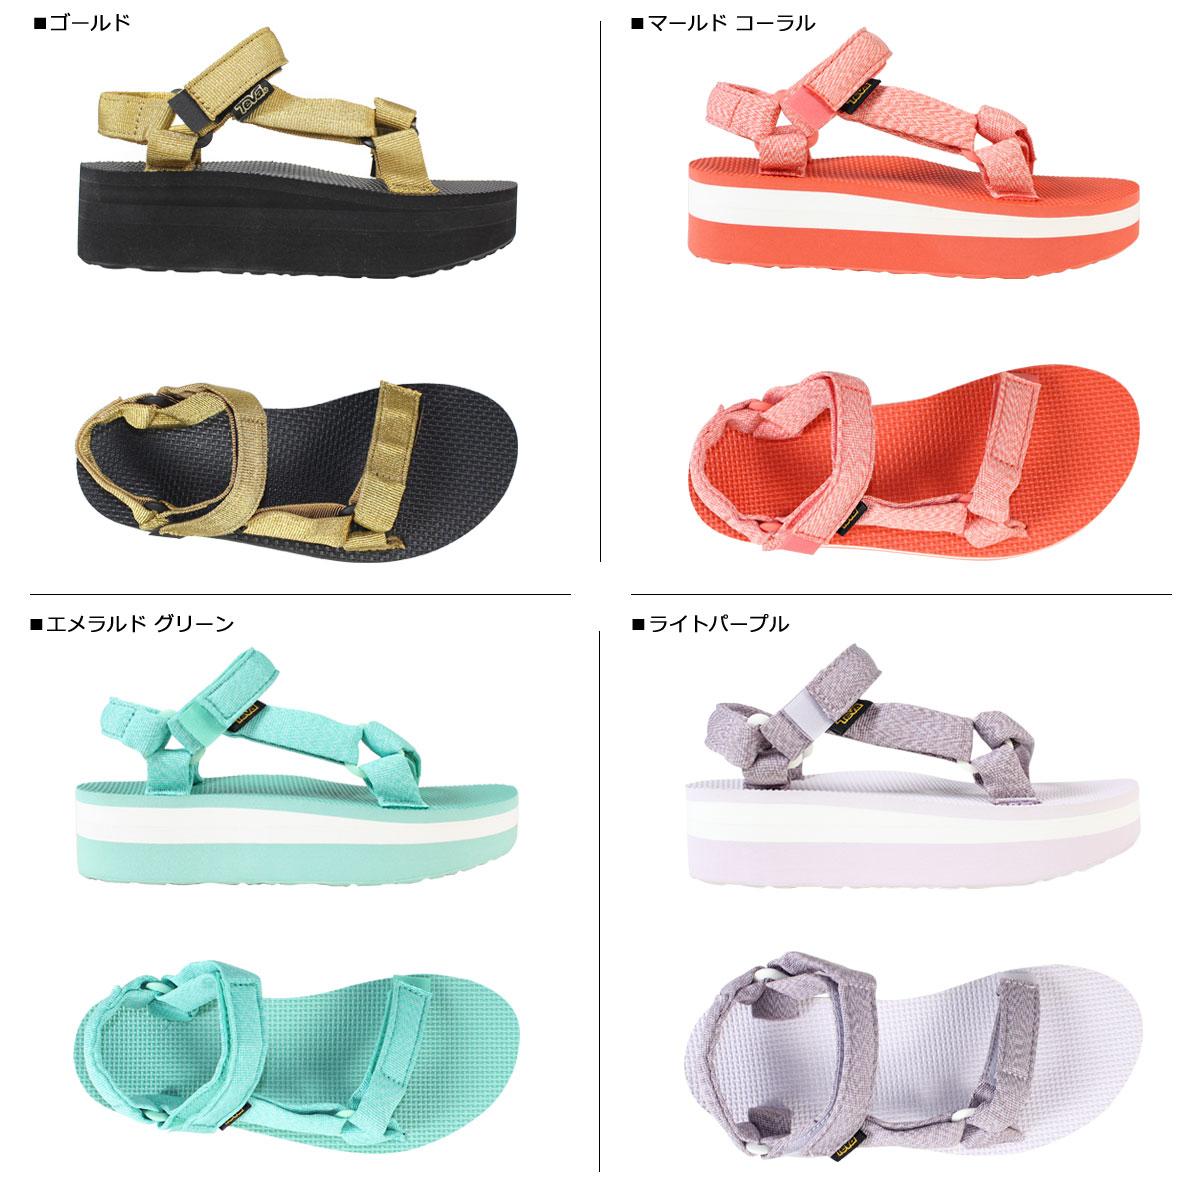 b316e21dd3d5 ALLSPORTS  Teva Teva Sandals Women s flat form universal W FLATFORM ...